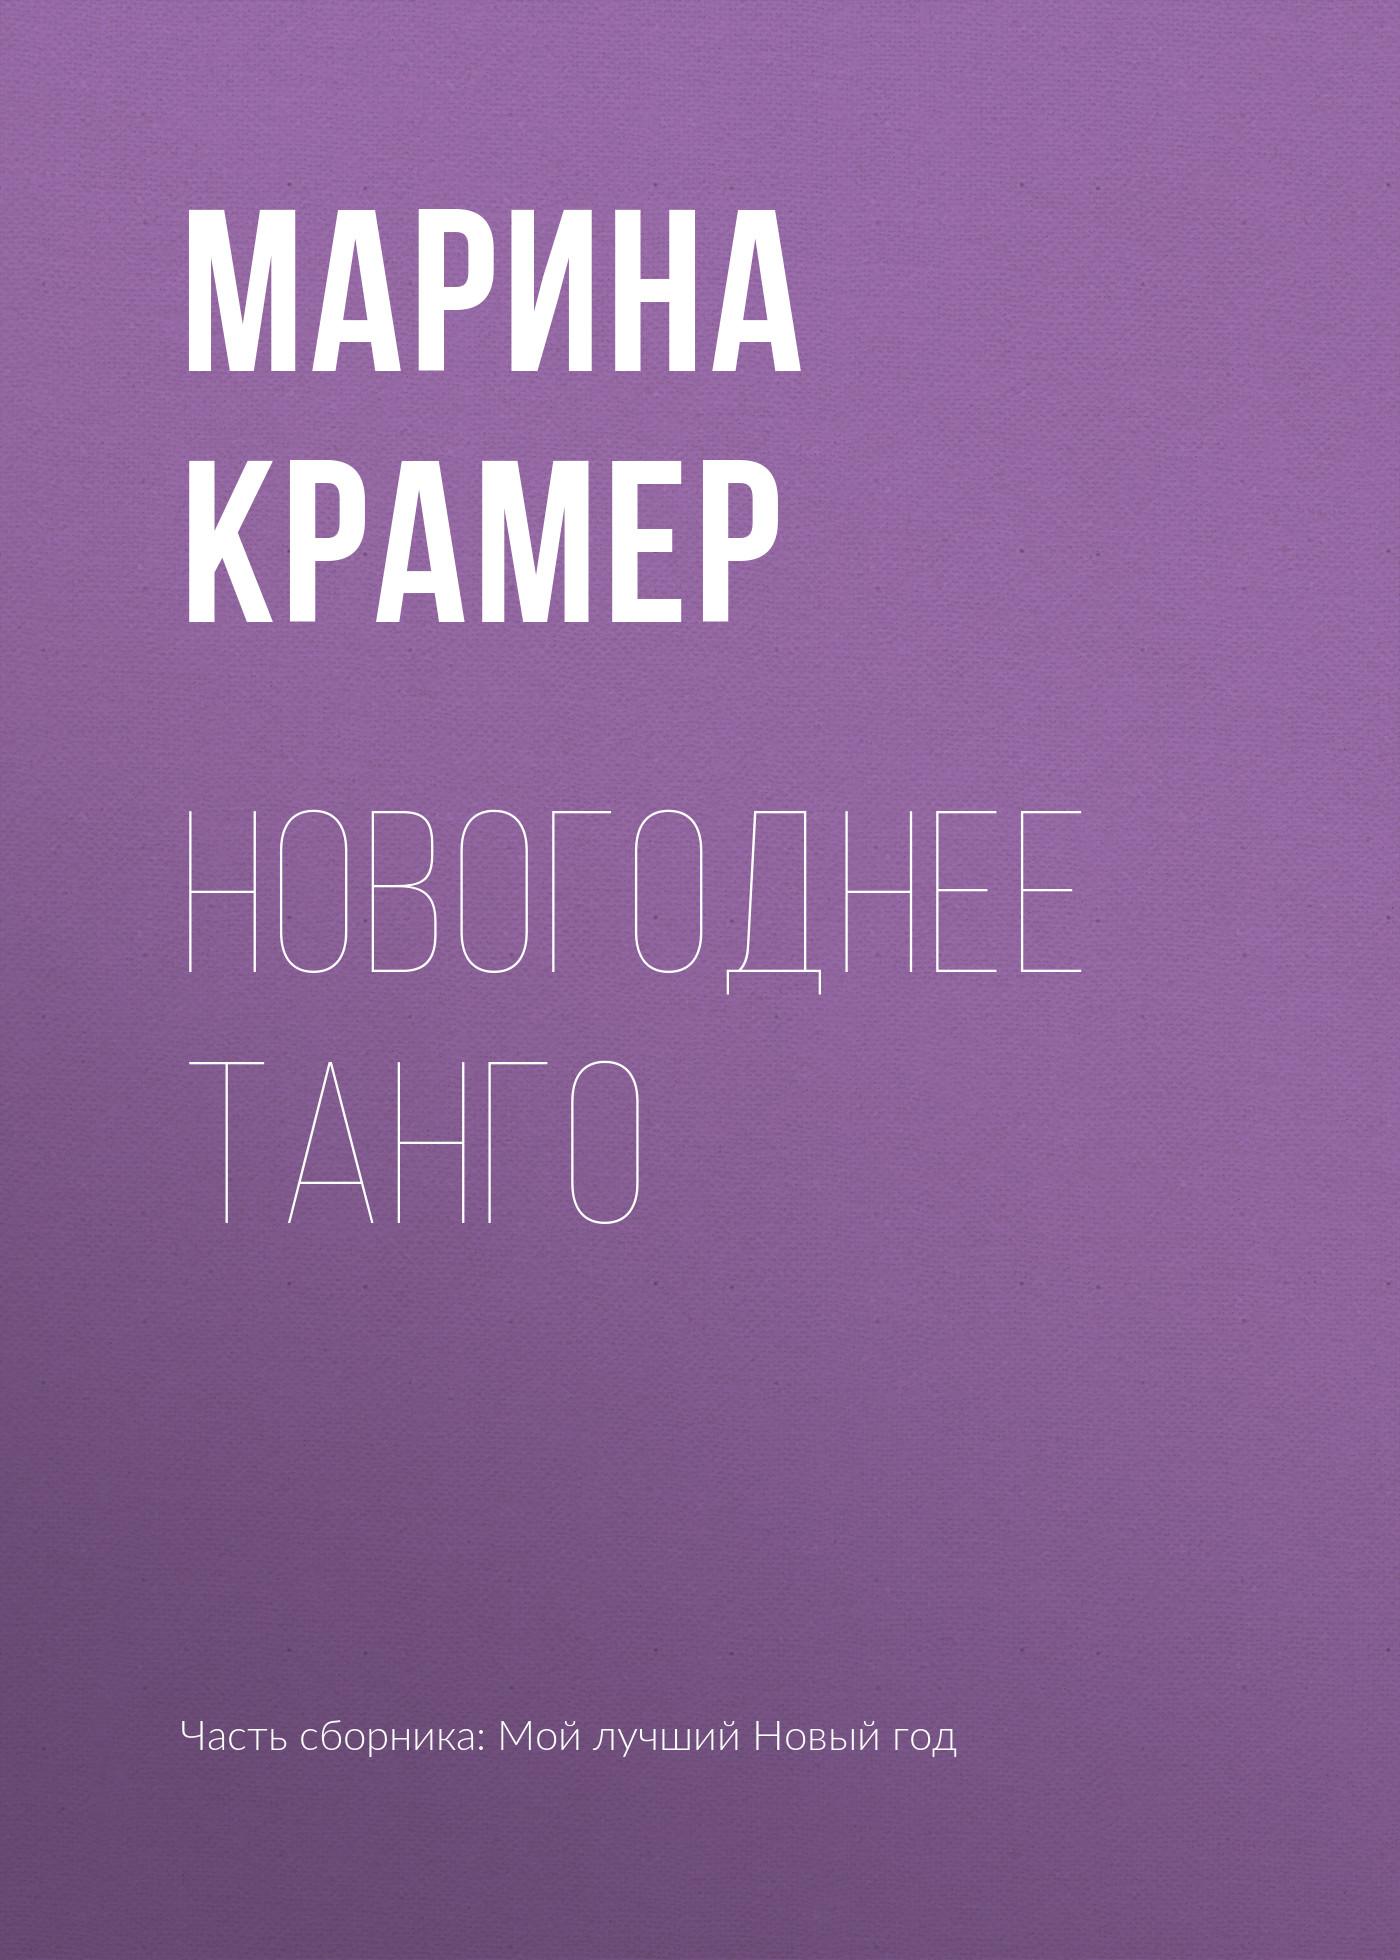 цена Марина Крамер Новогоднее танго